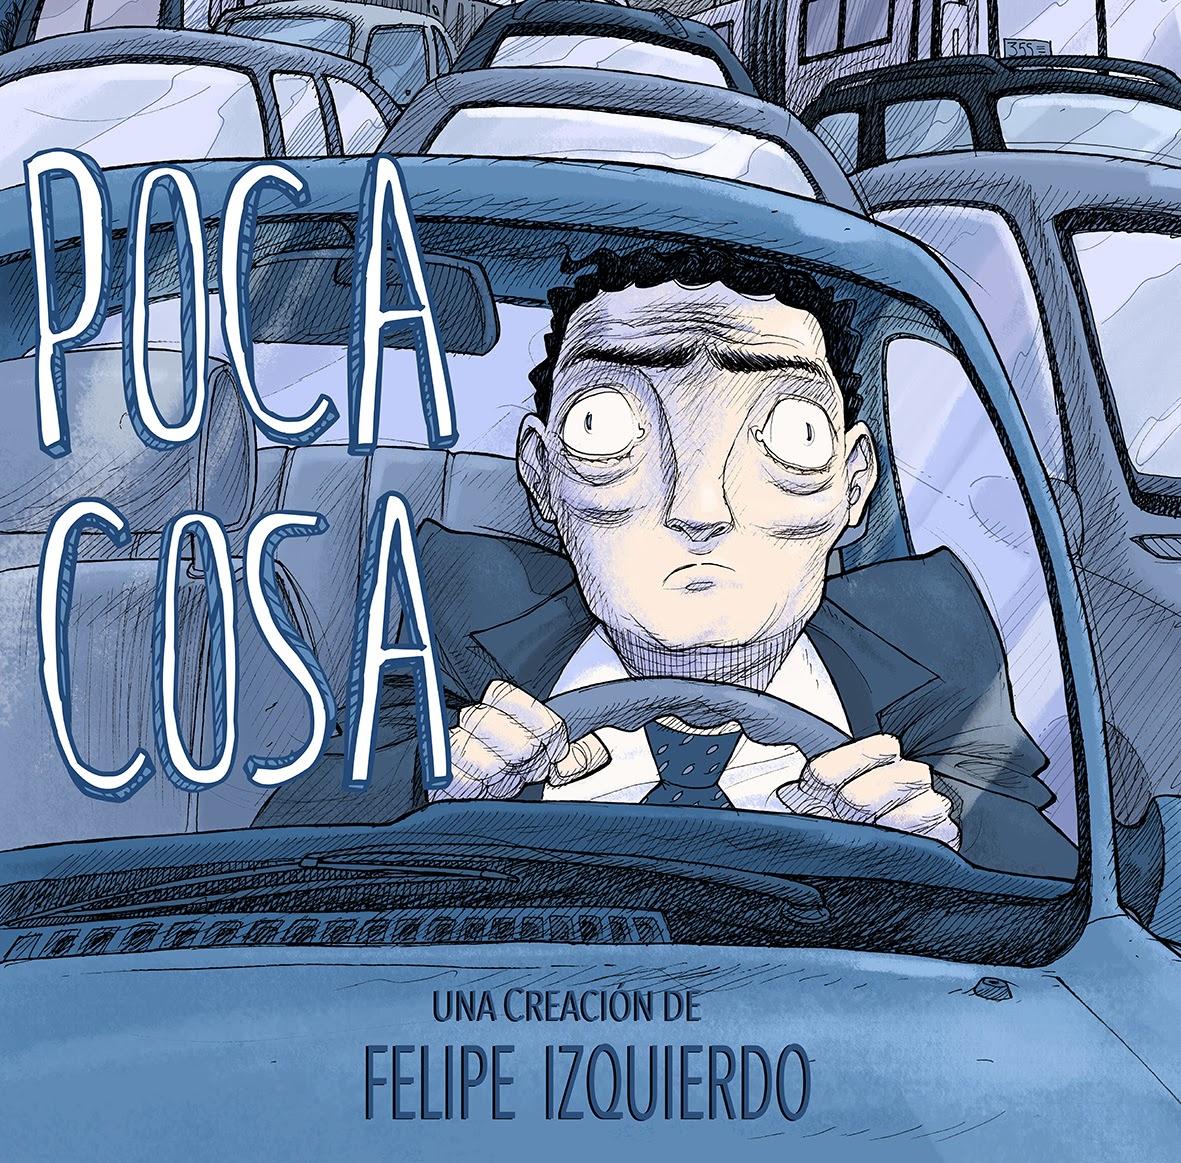 Poca cosa de Felipe Izquierdo / Fome